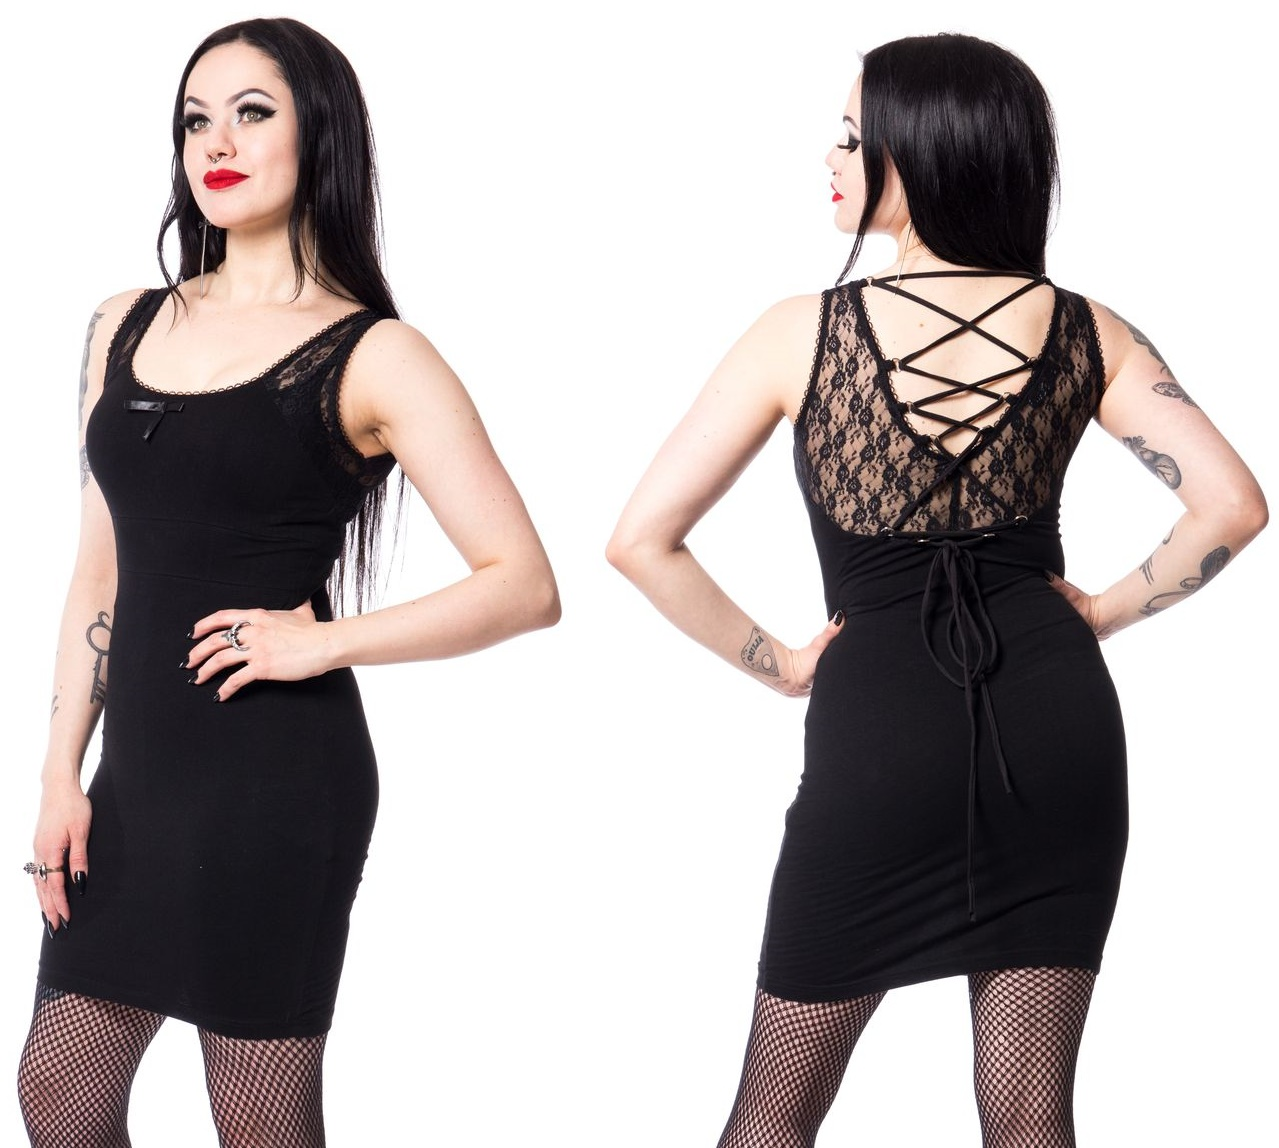 Shirtkleid Celeste Dress Poizen Industries - Poizen Industries ...